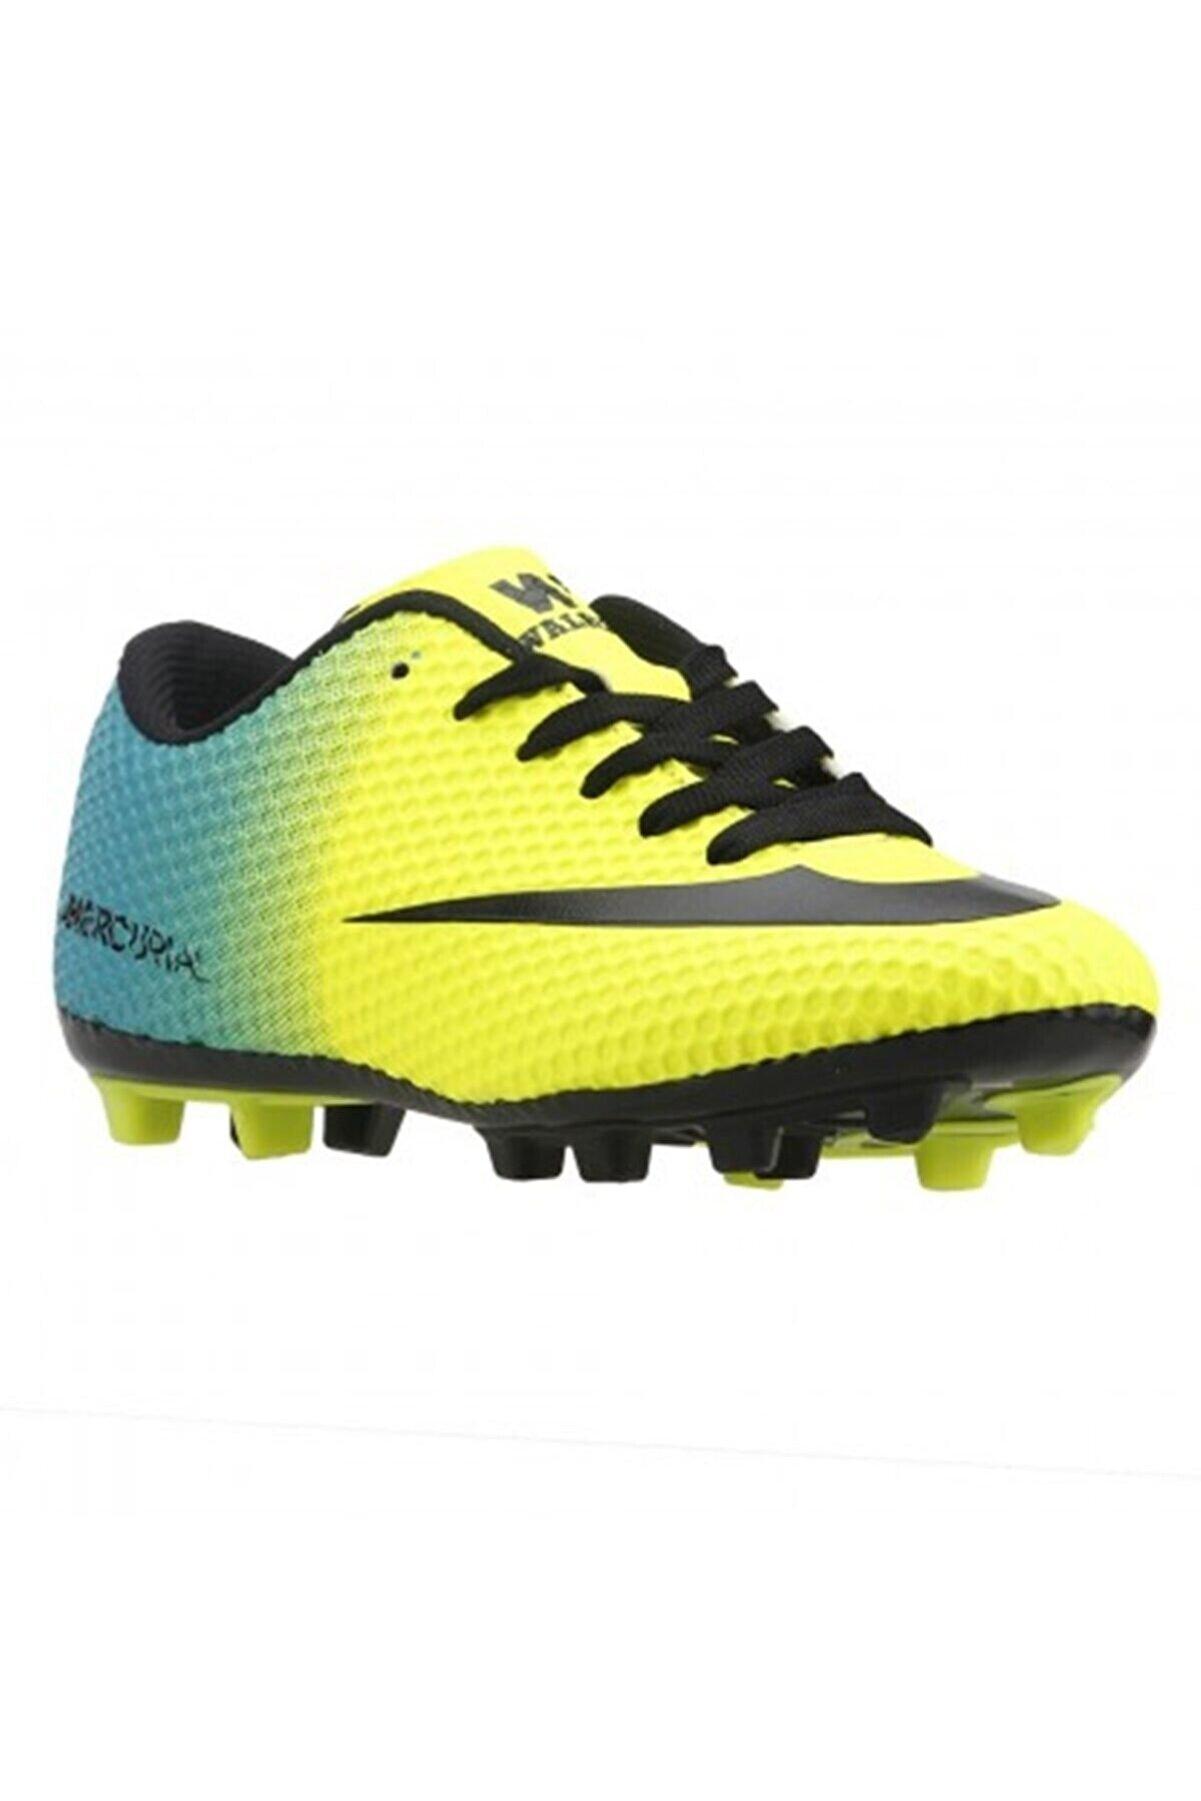 Walked Erkek Sarı Çim Saha Krampon Futbol Spor Ayakkabı